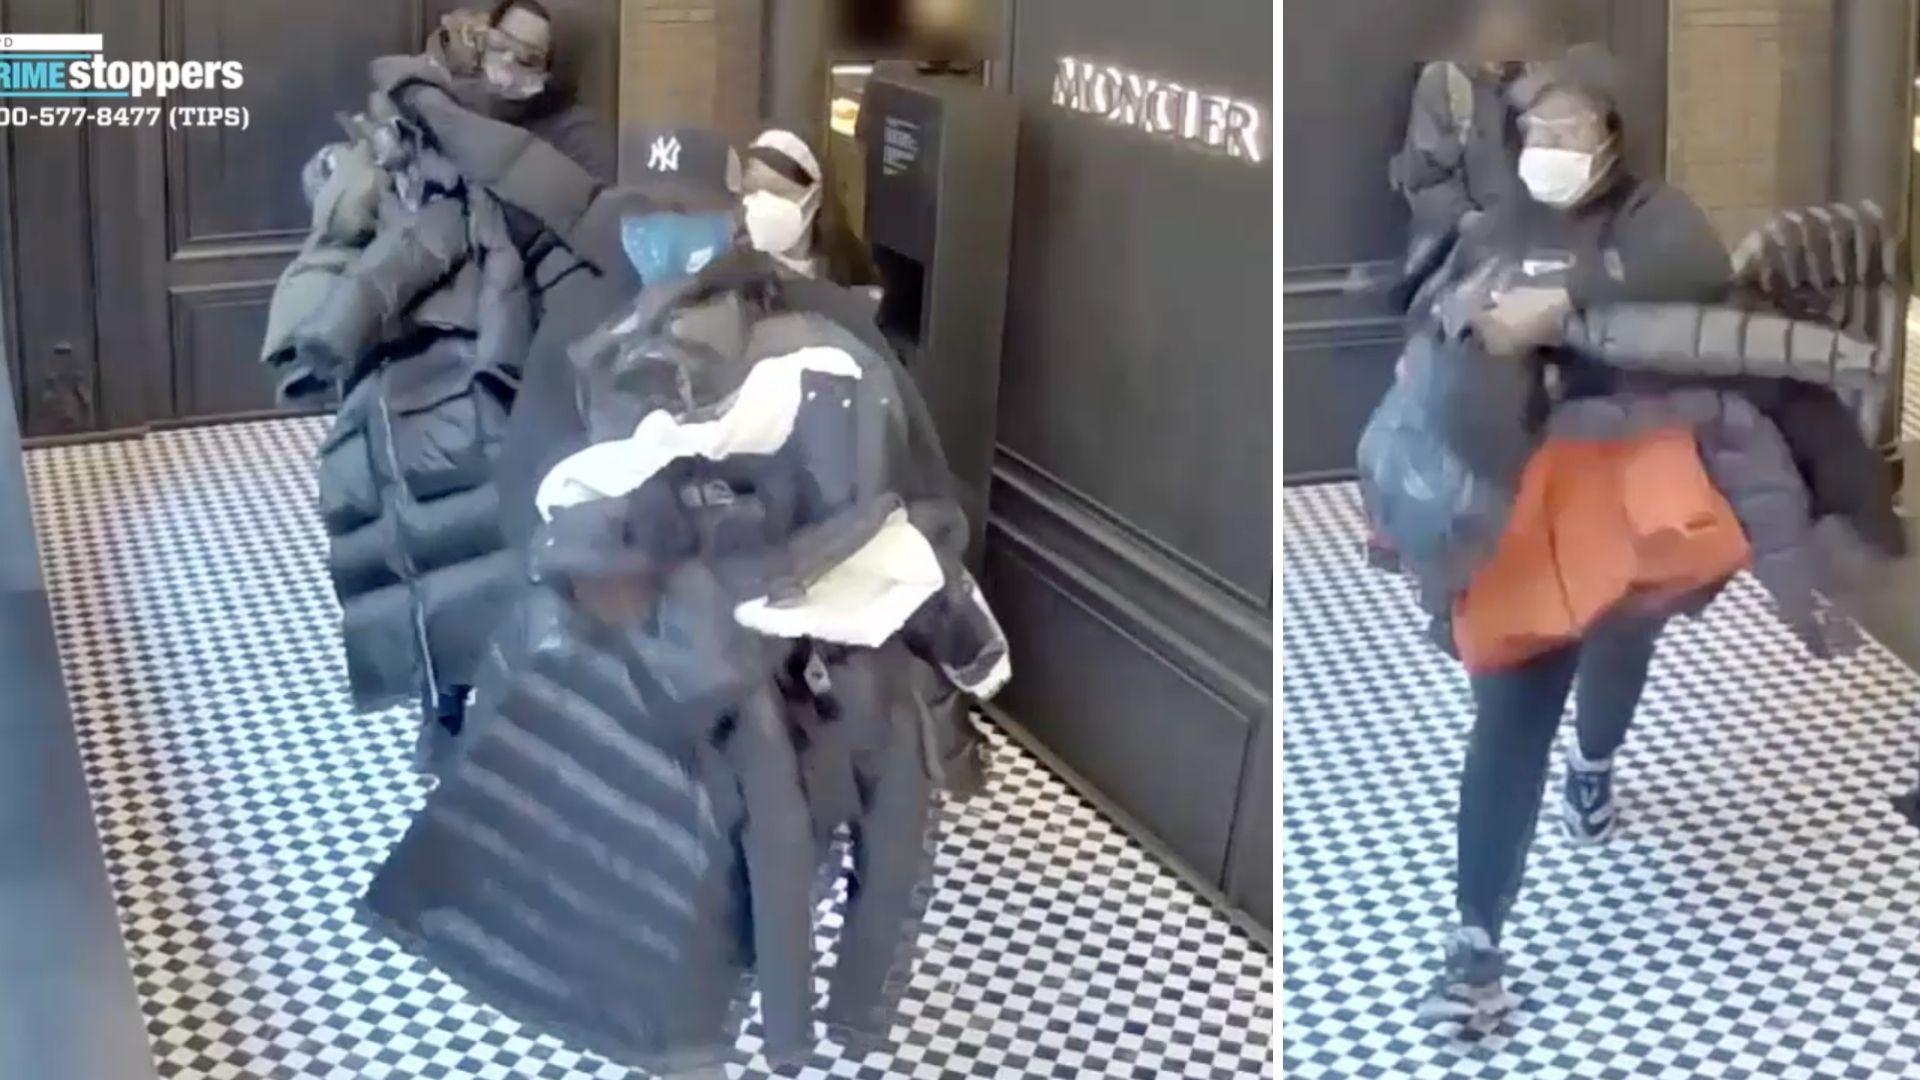 Manhattan robbery pattern suspects